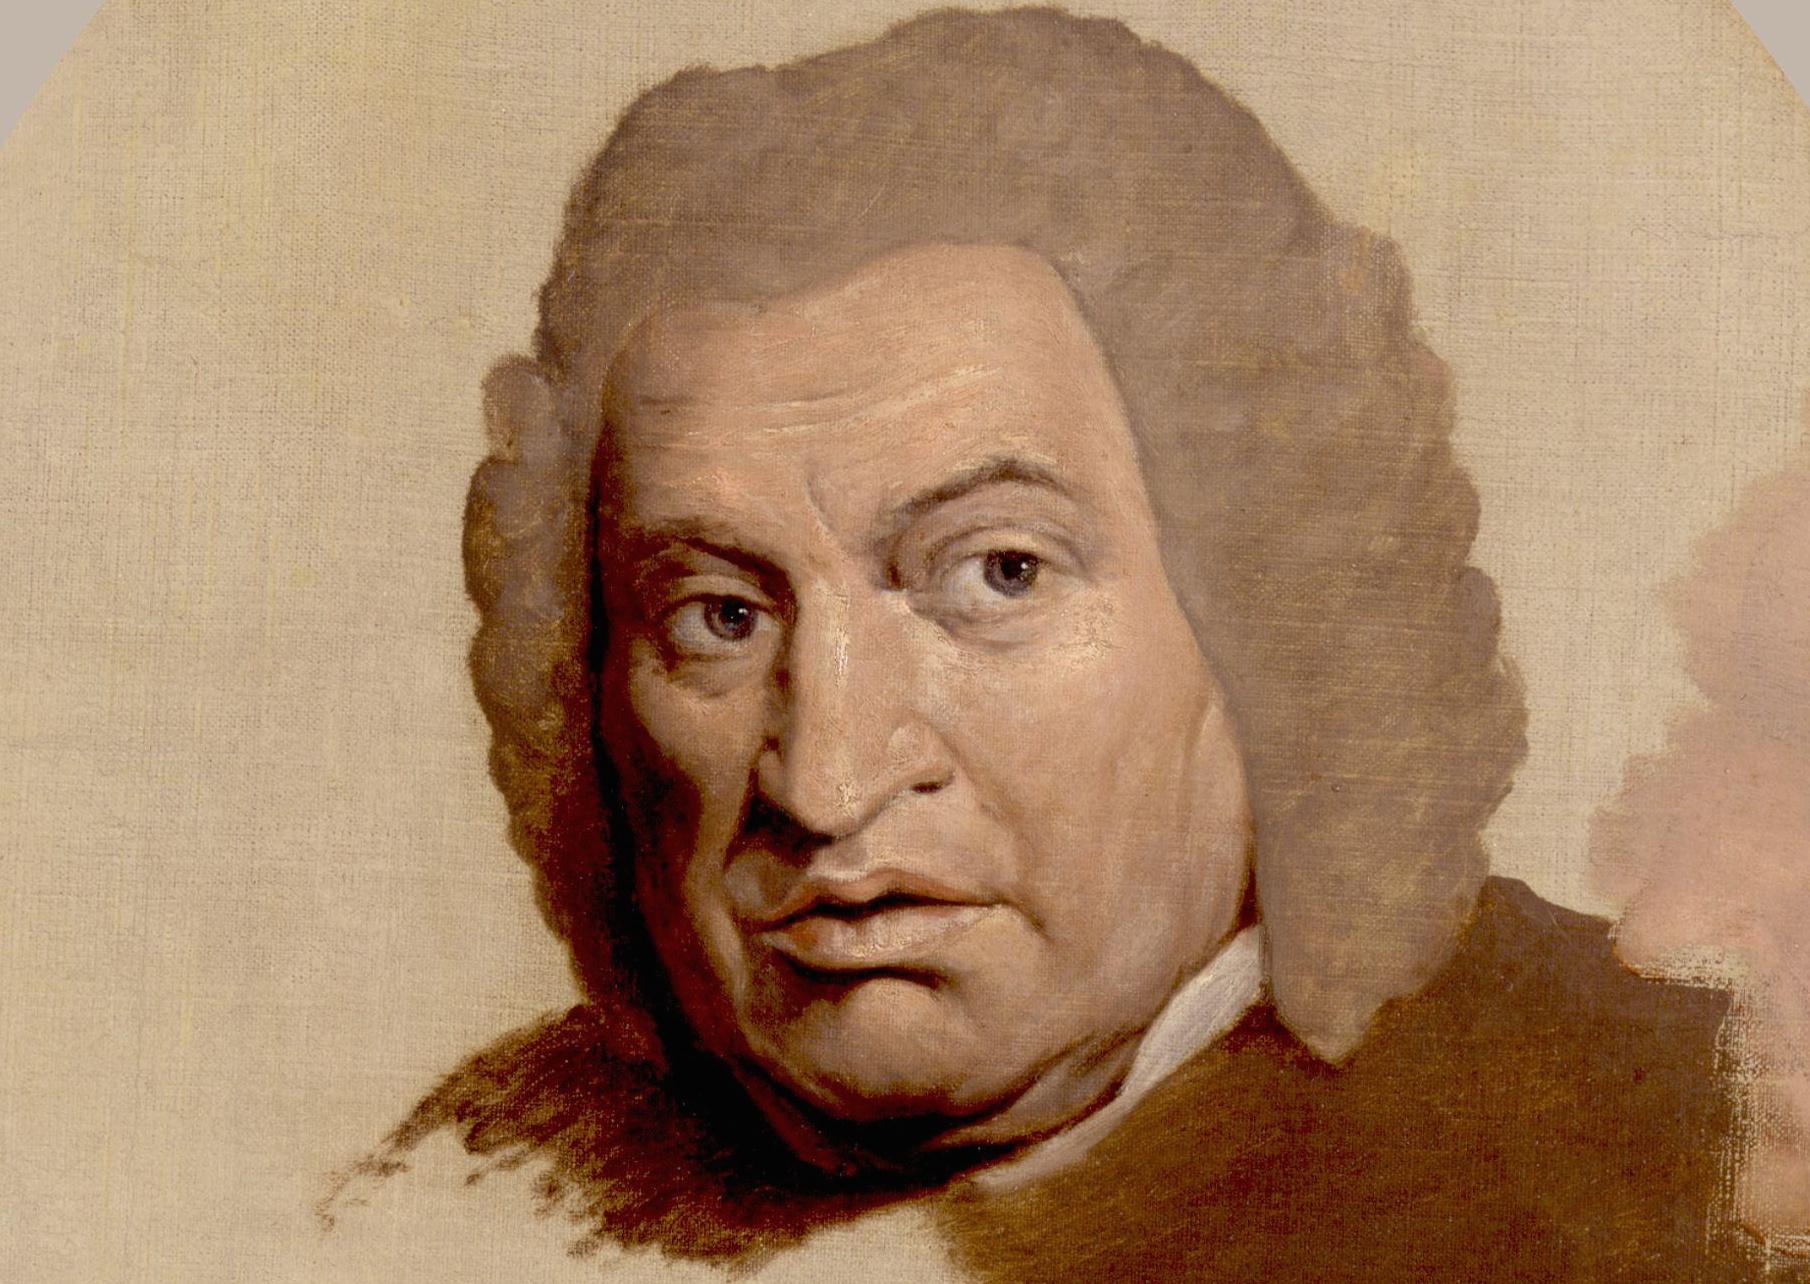 Samuel Johnson's portrait by James Barry